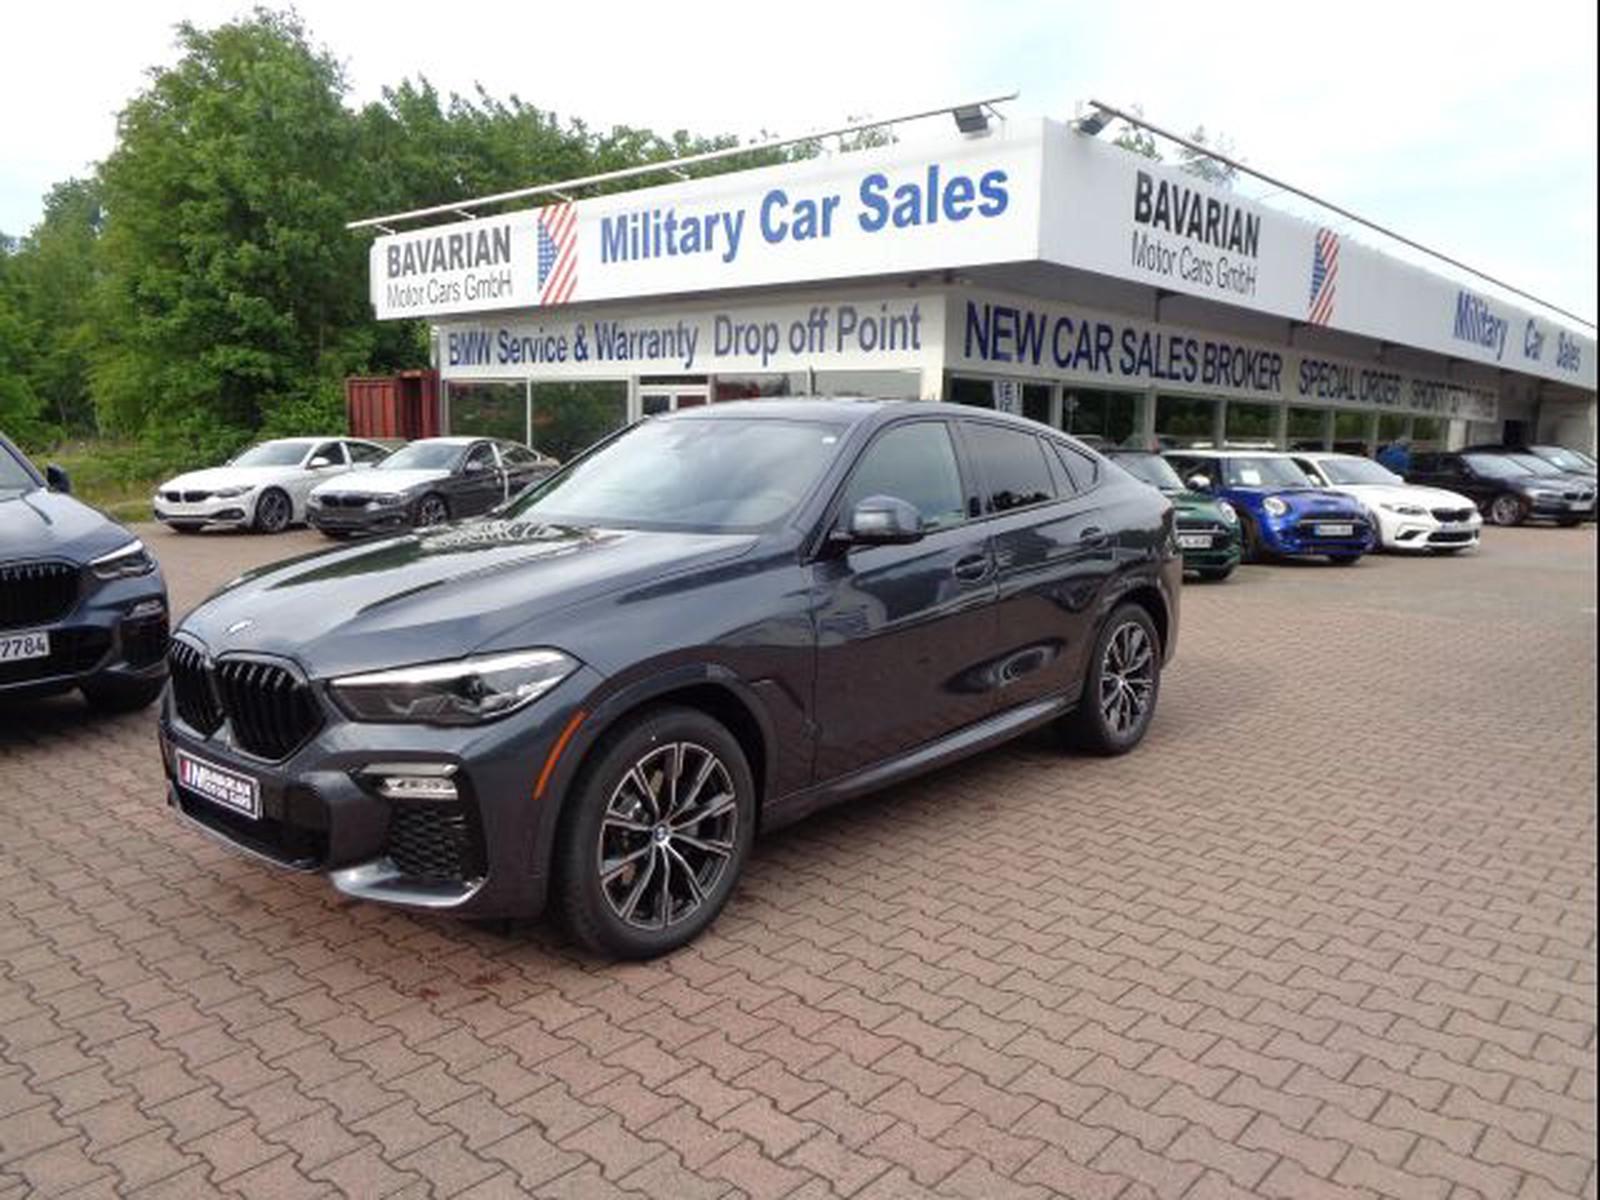 Bmw X6 Xdrive40i M Sport Tax Free Military Sales In Kaiserslautern Price 65527 Usd Int Nr U 16269 Sold